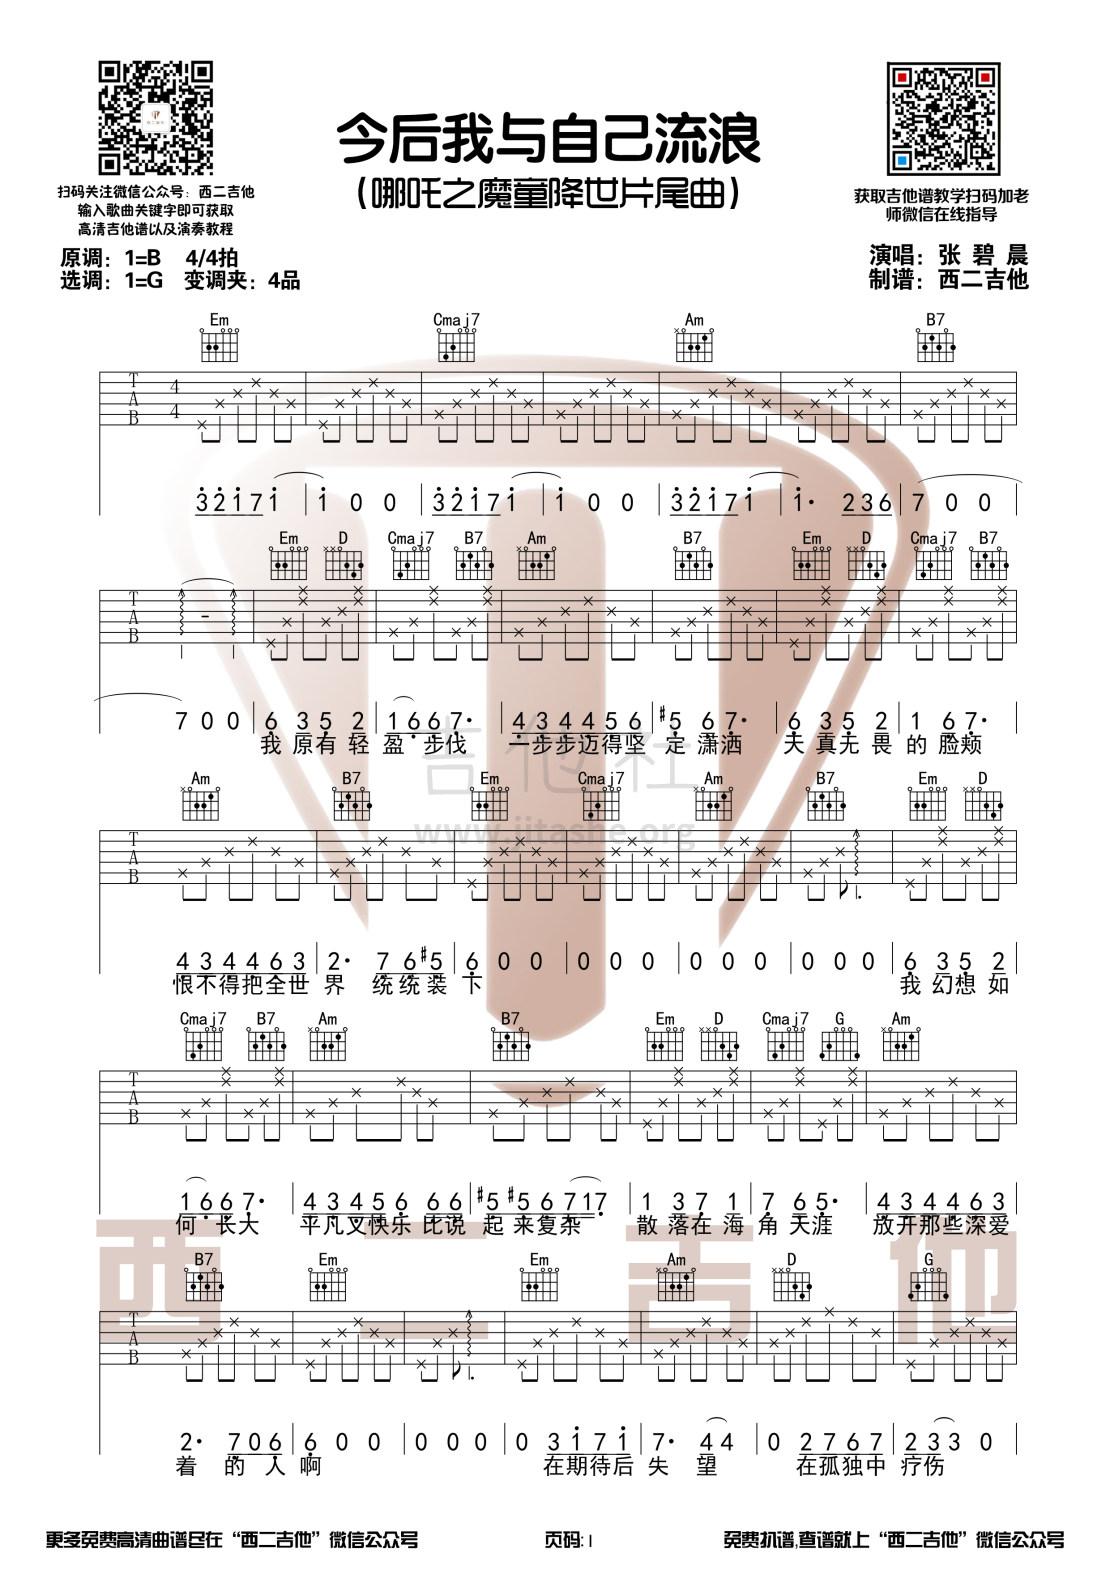 今后我与自己流浪(电影《哪吒之魔童降世》片尾曲)吉他谱(图片谱,弹唱,原版,西二吉他)_张碧晨_今后我与自己流浪1.jpg